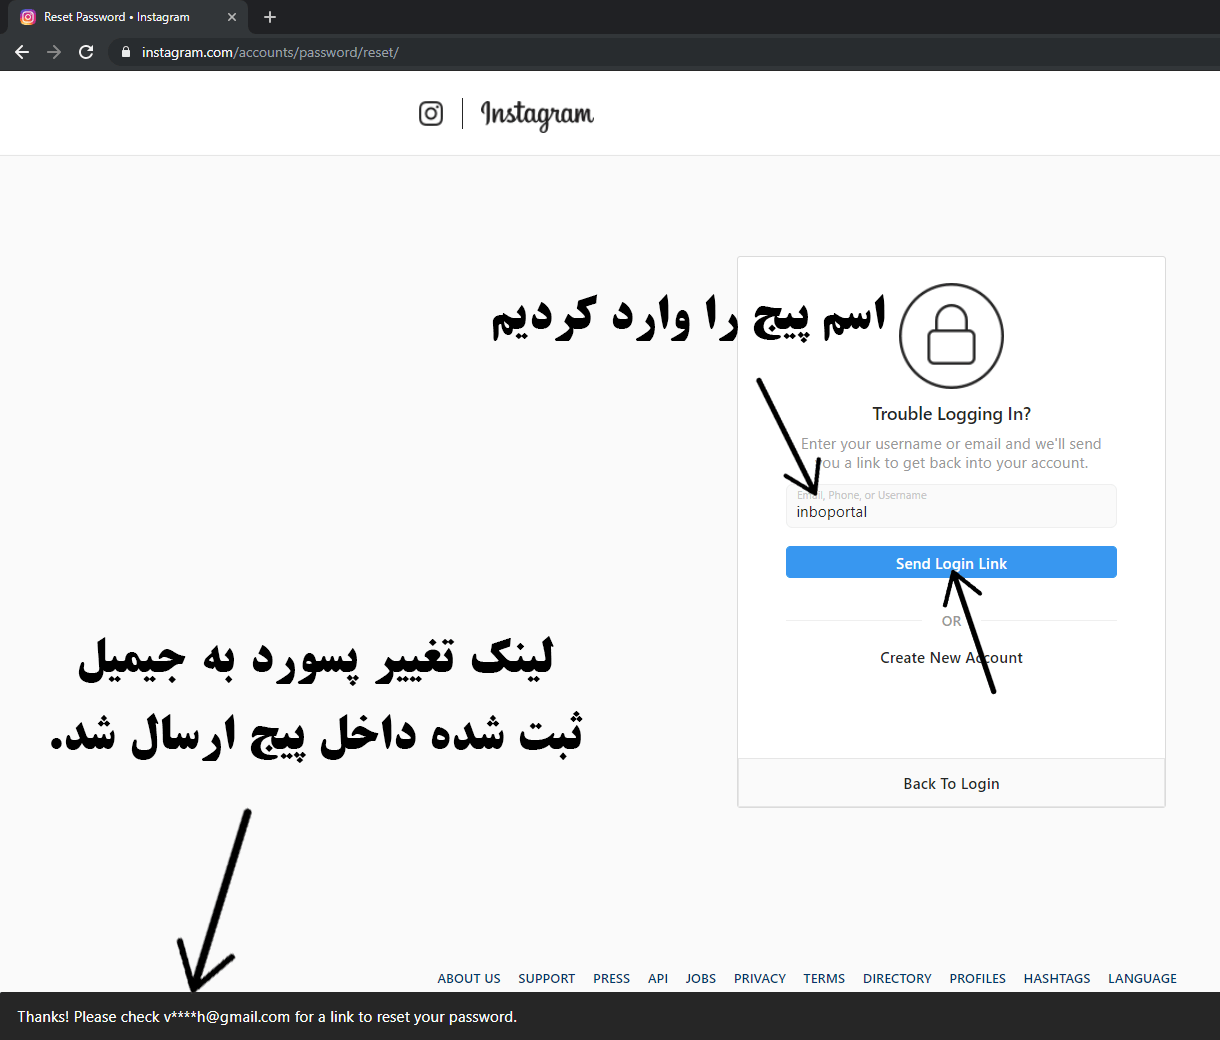 سایت تغییر رمز اینستاگرام